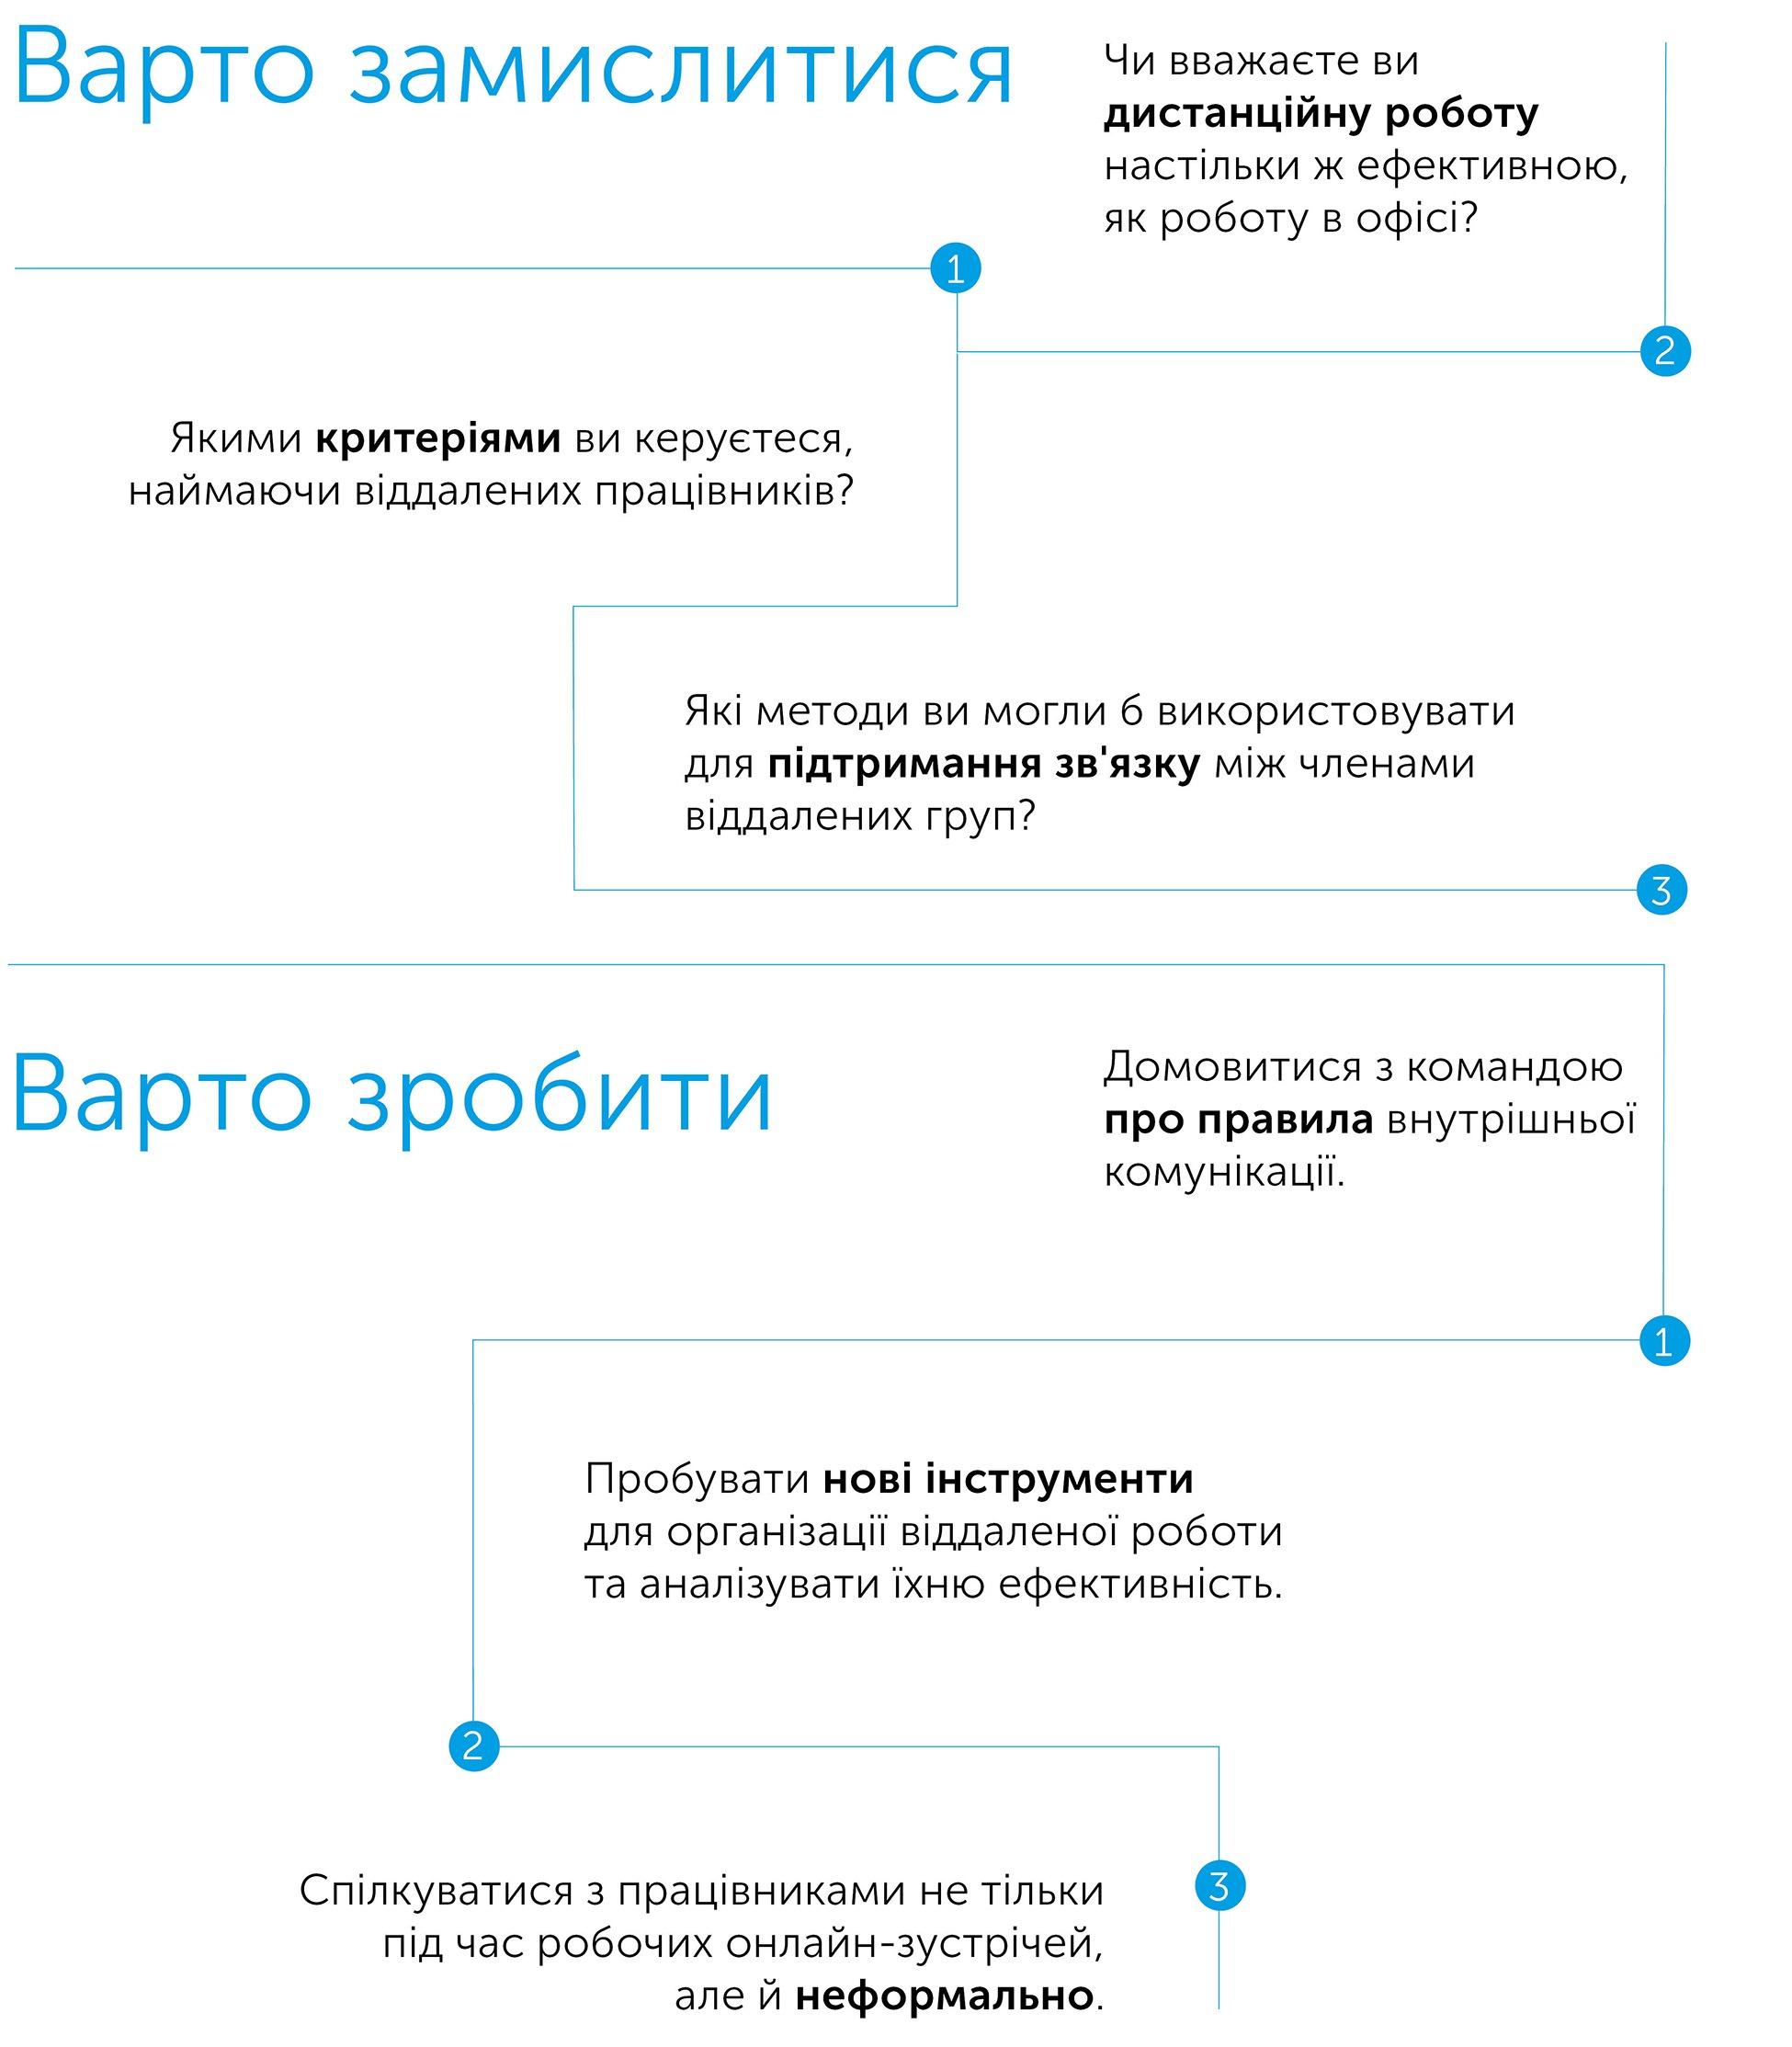 Разом і де завгодно. Інструкція з успішної віддаленої роботи для працівників, керівників і команд, автор Лізетт Сазерленд | Kyivstar Business Hub, зображення №4